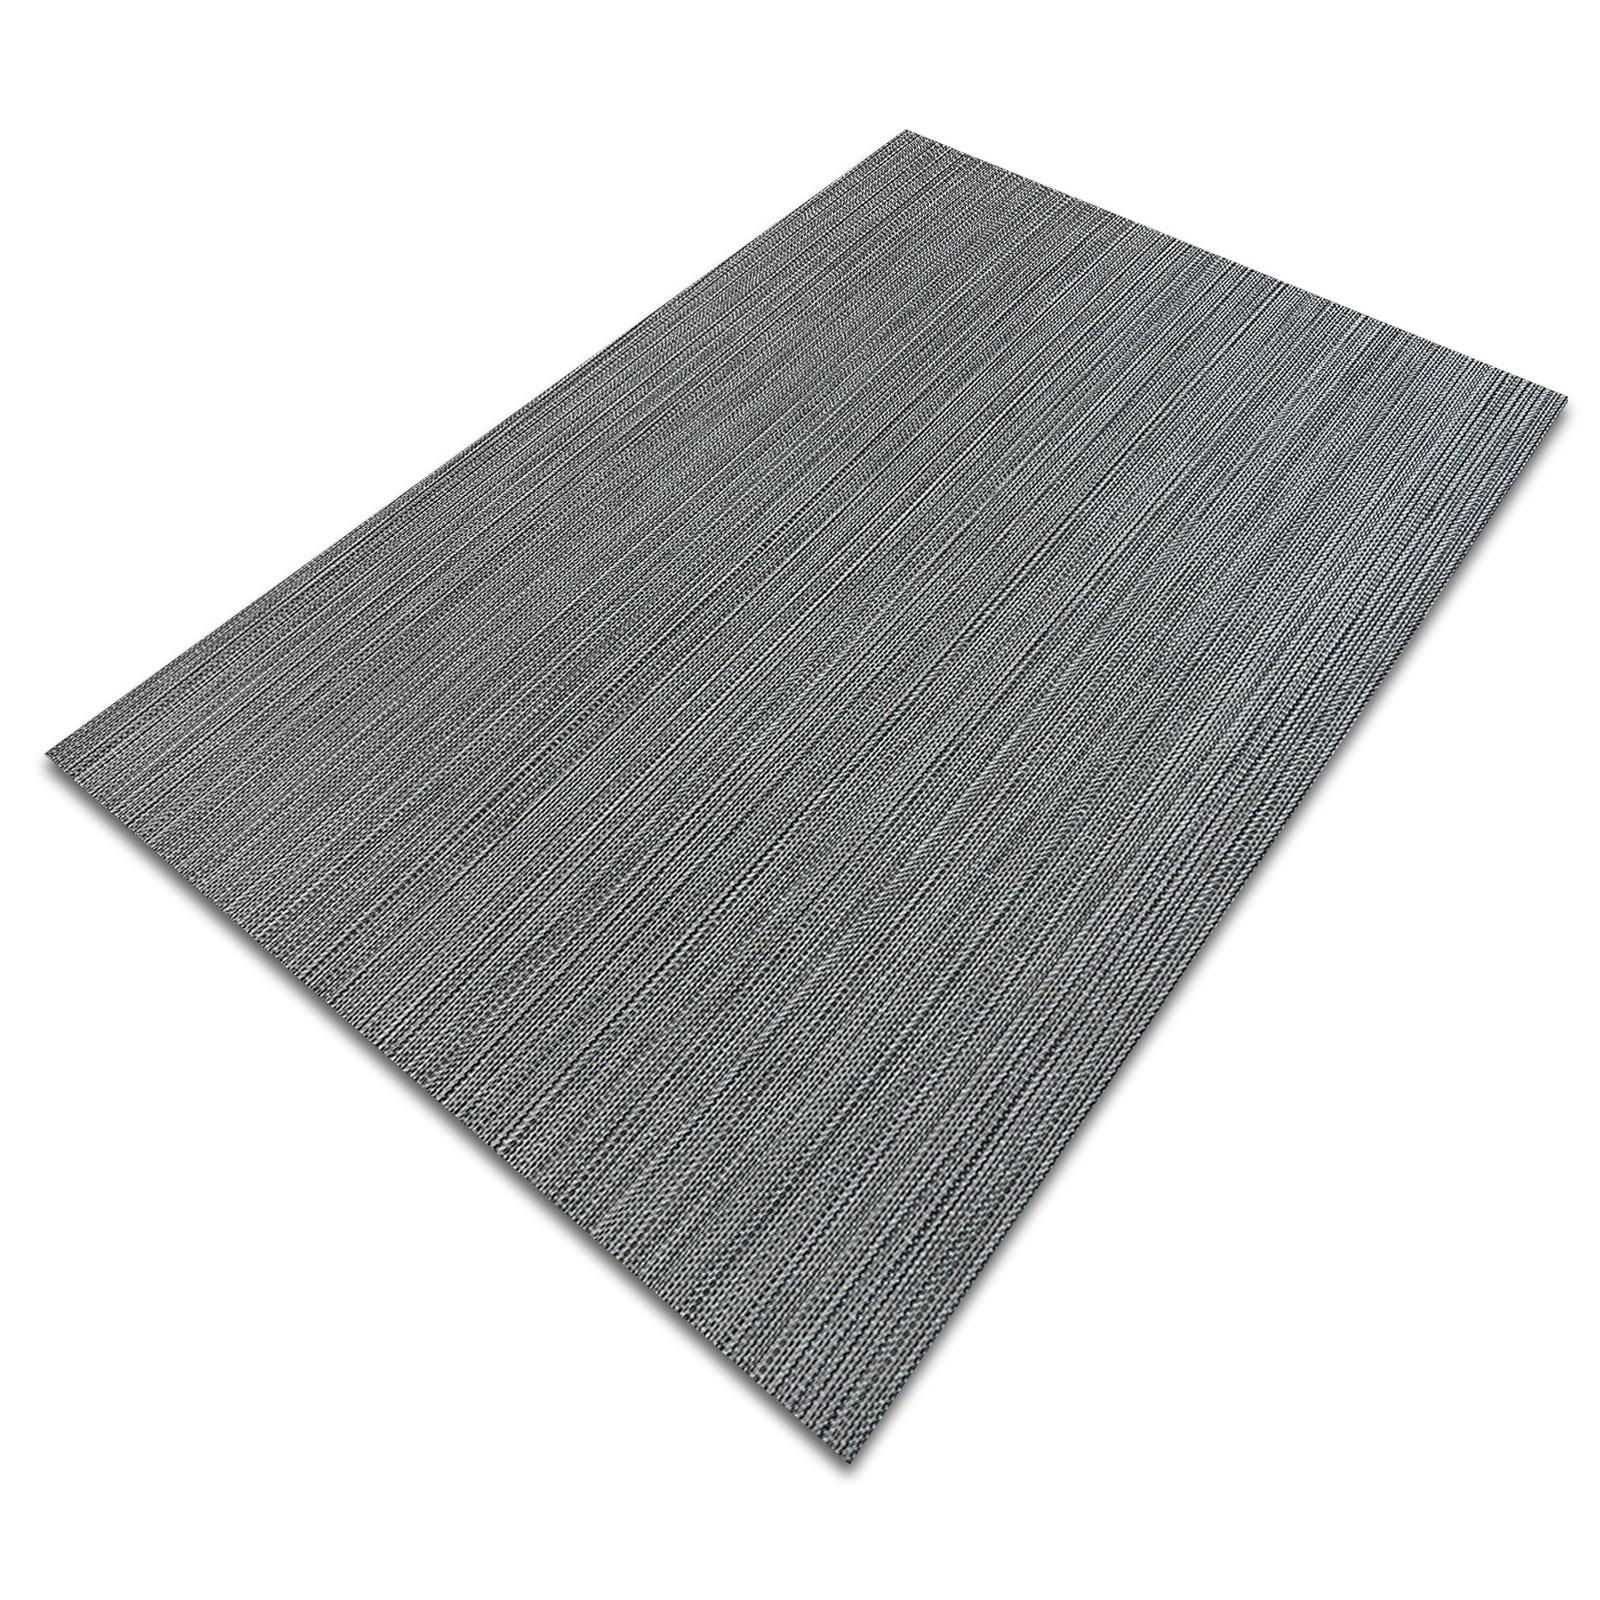 Full Size of Teppich Für Küche Outdoor Grau Daytonde Abfallbehälter Körbe Badezimmer Barhocker Aluminium Verbundplatte Regal Kleidung Magnettafel Fliesen Küche Teppich Für Küche